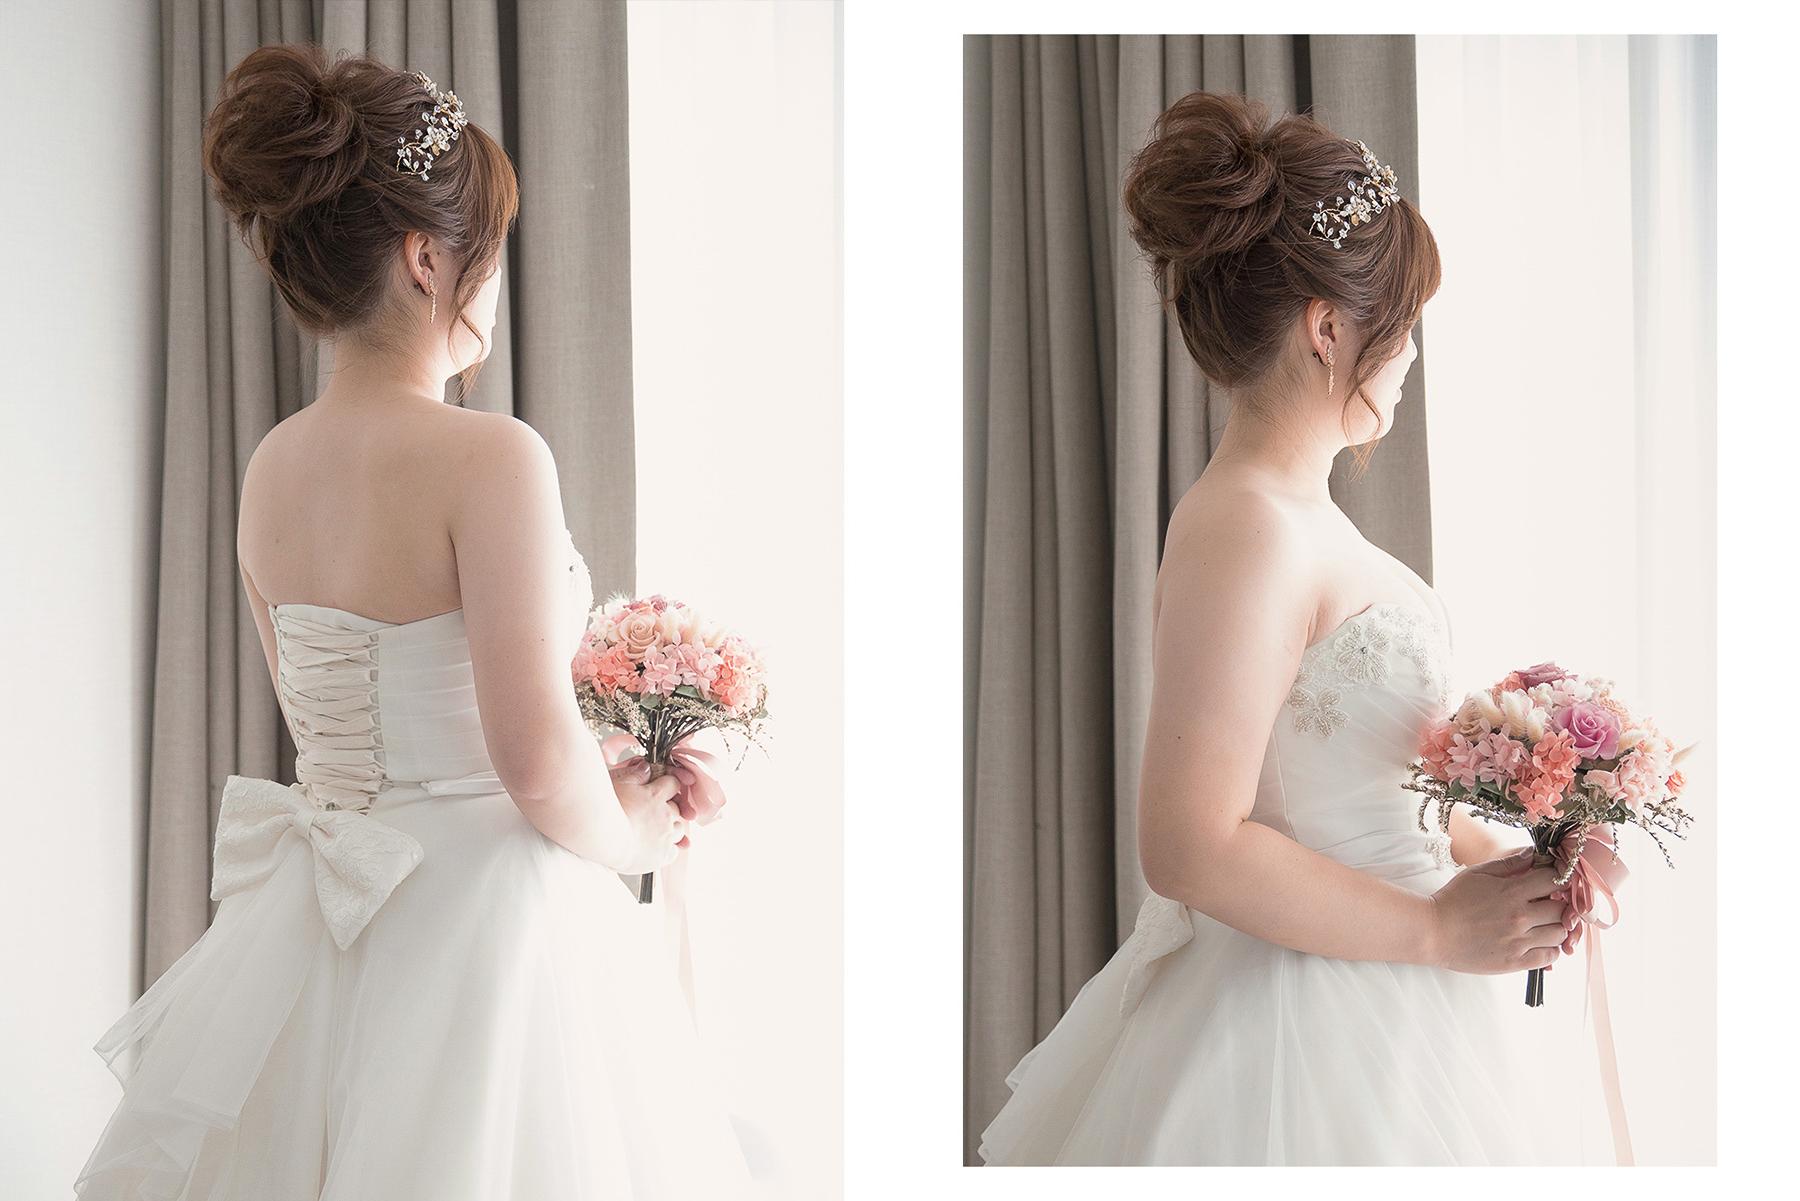 台北新秘|短髮新娘也可以有很多不同變化|台北萬豪酒店